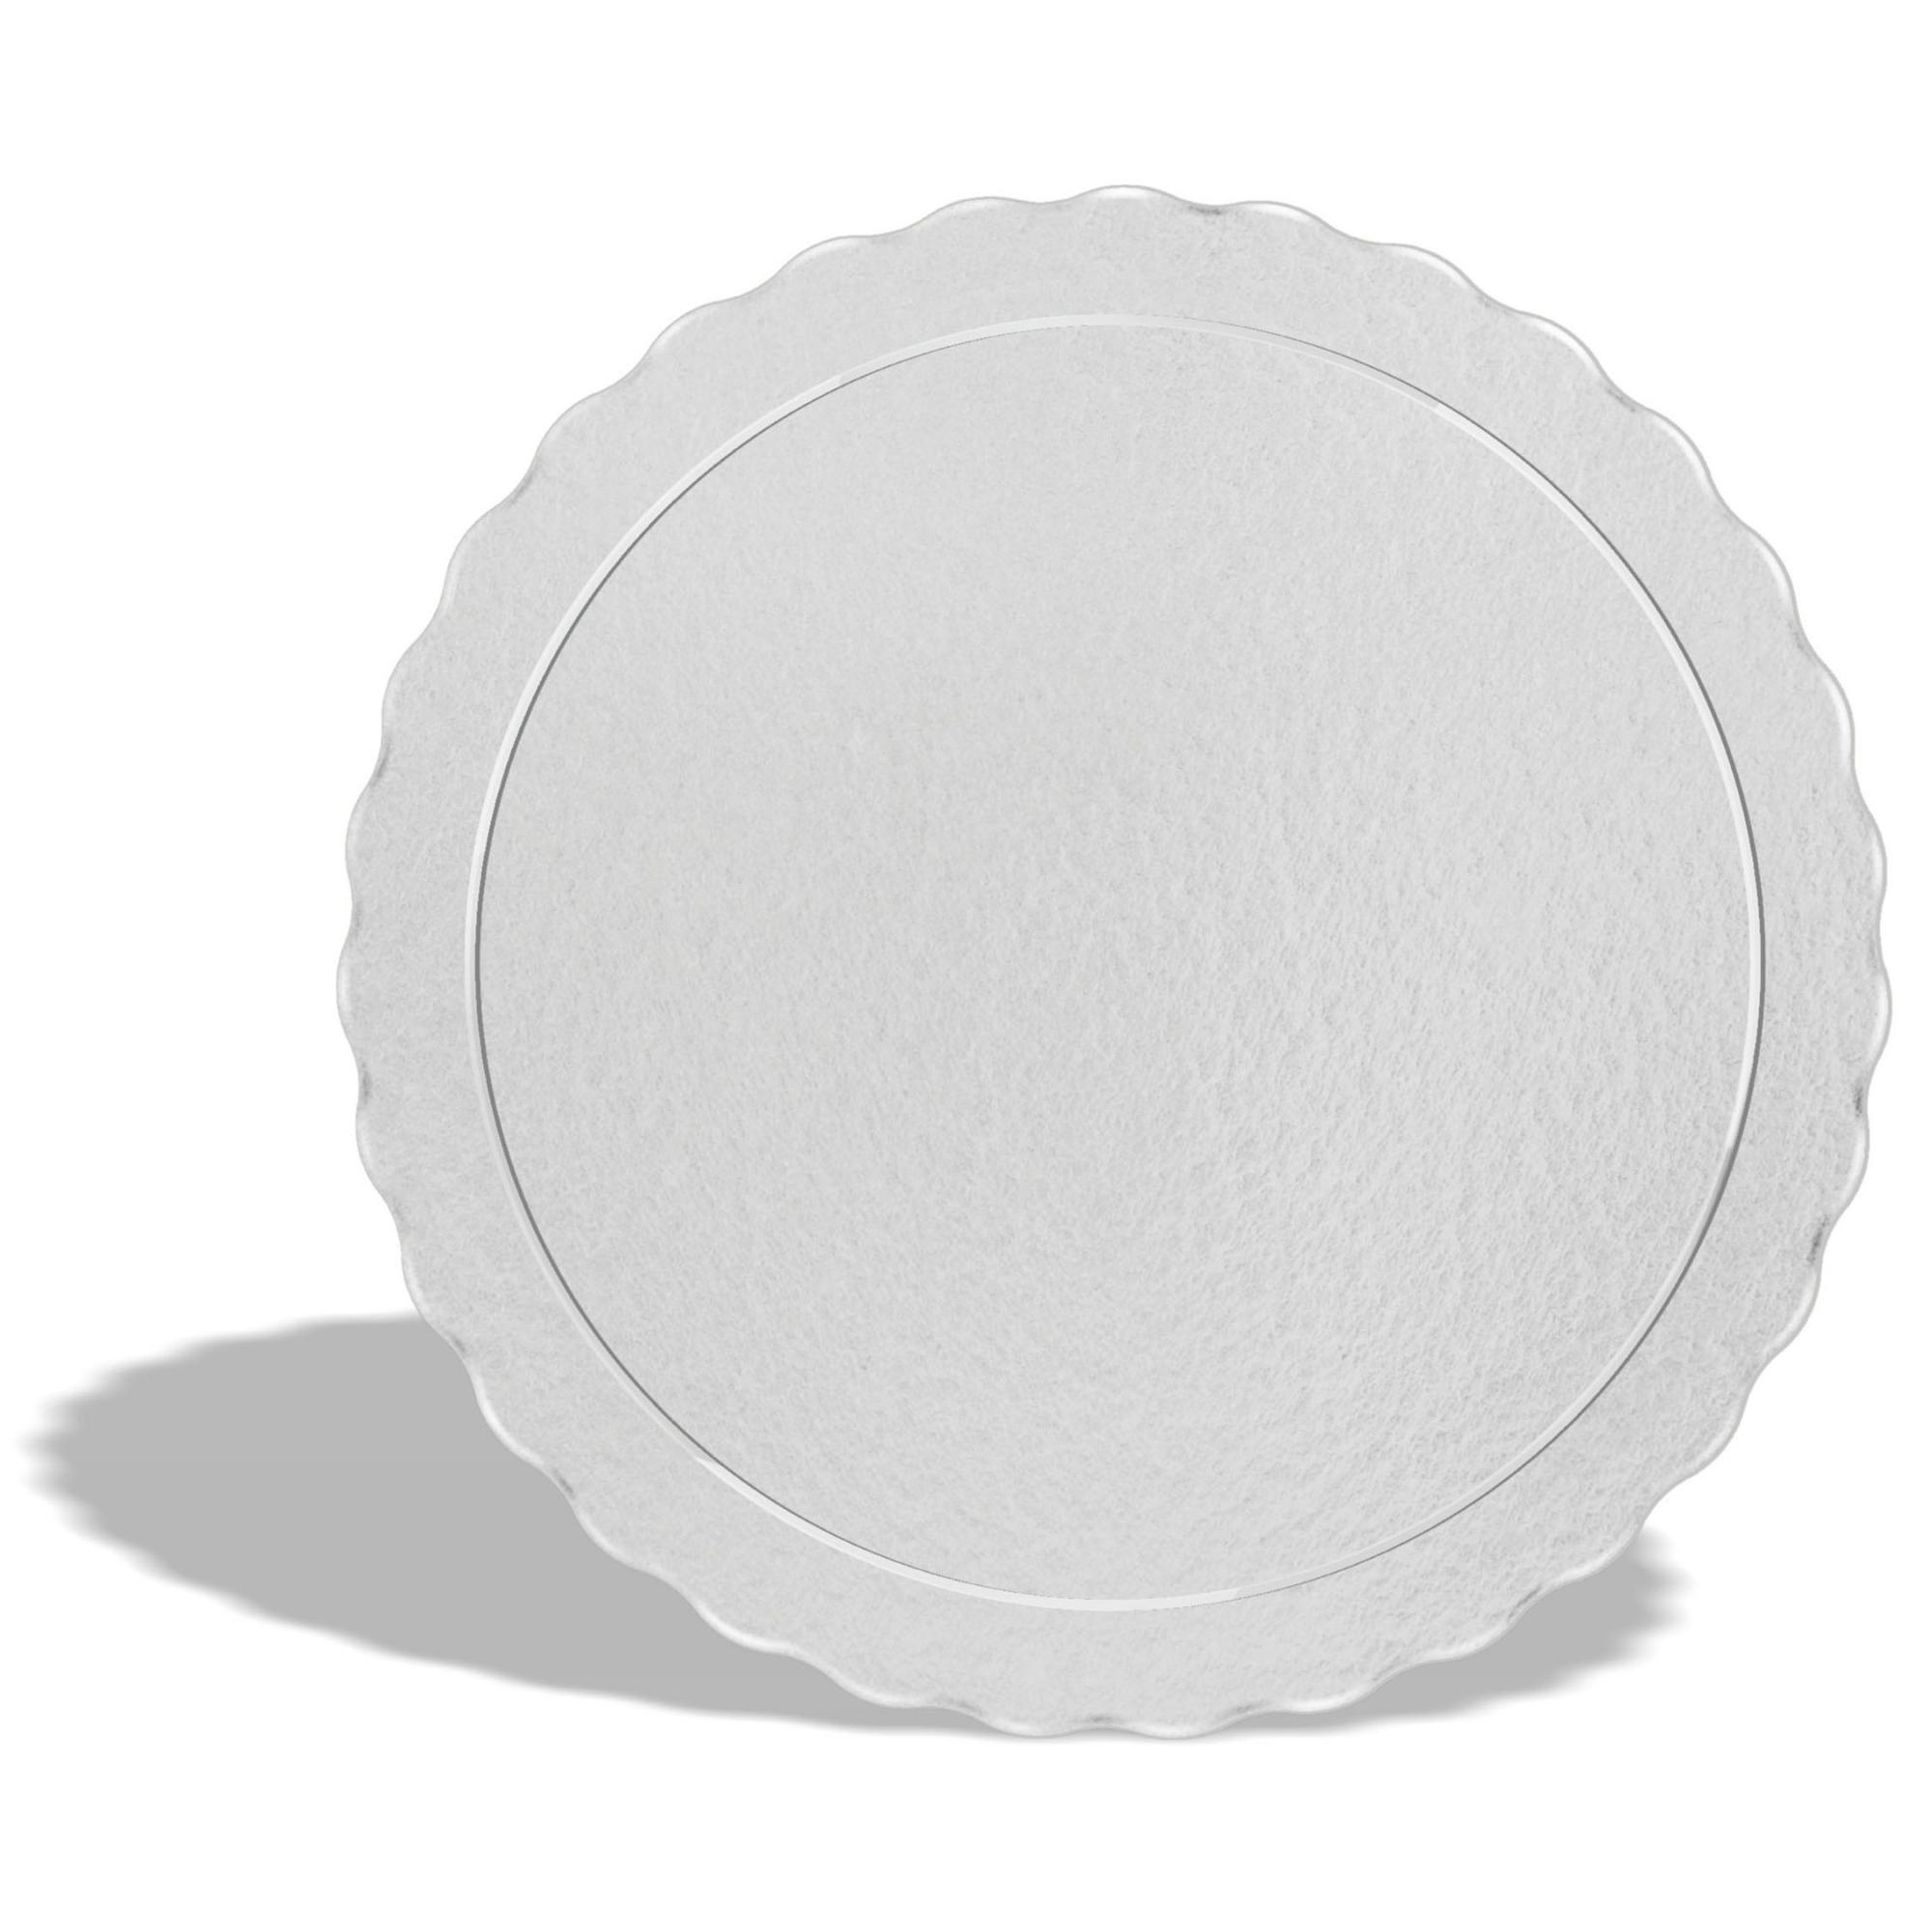 Kit 50 Bases Laminadas Para Bolo, Cake Board, 30 e 35cm - Branco